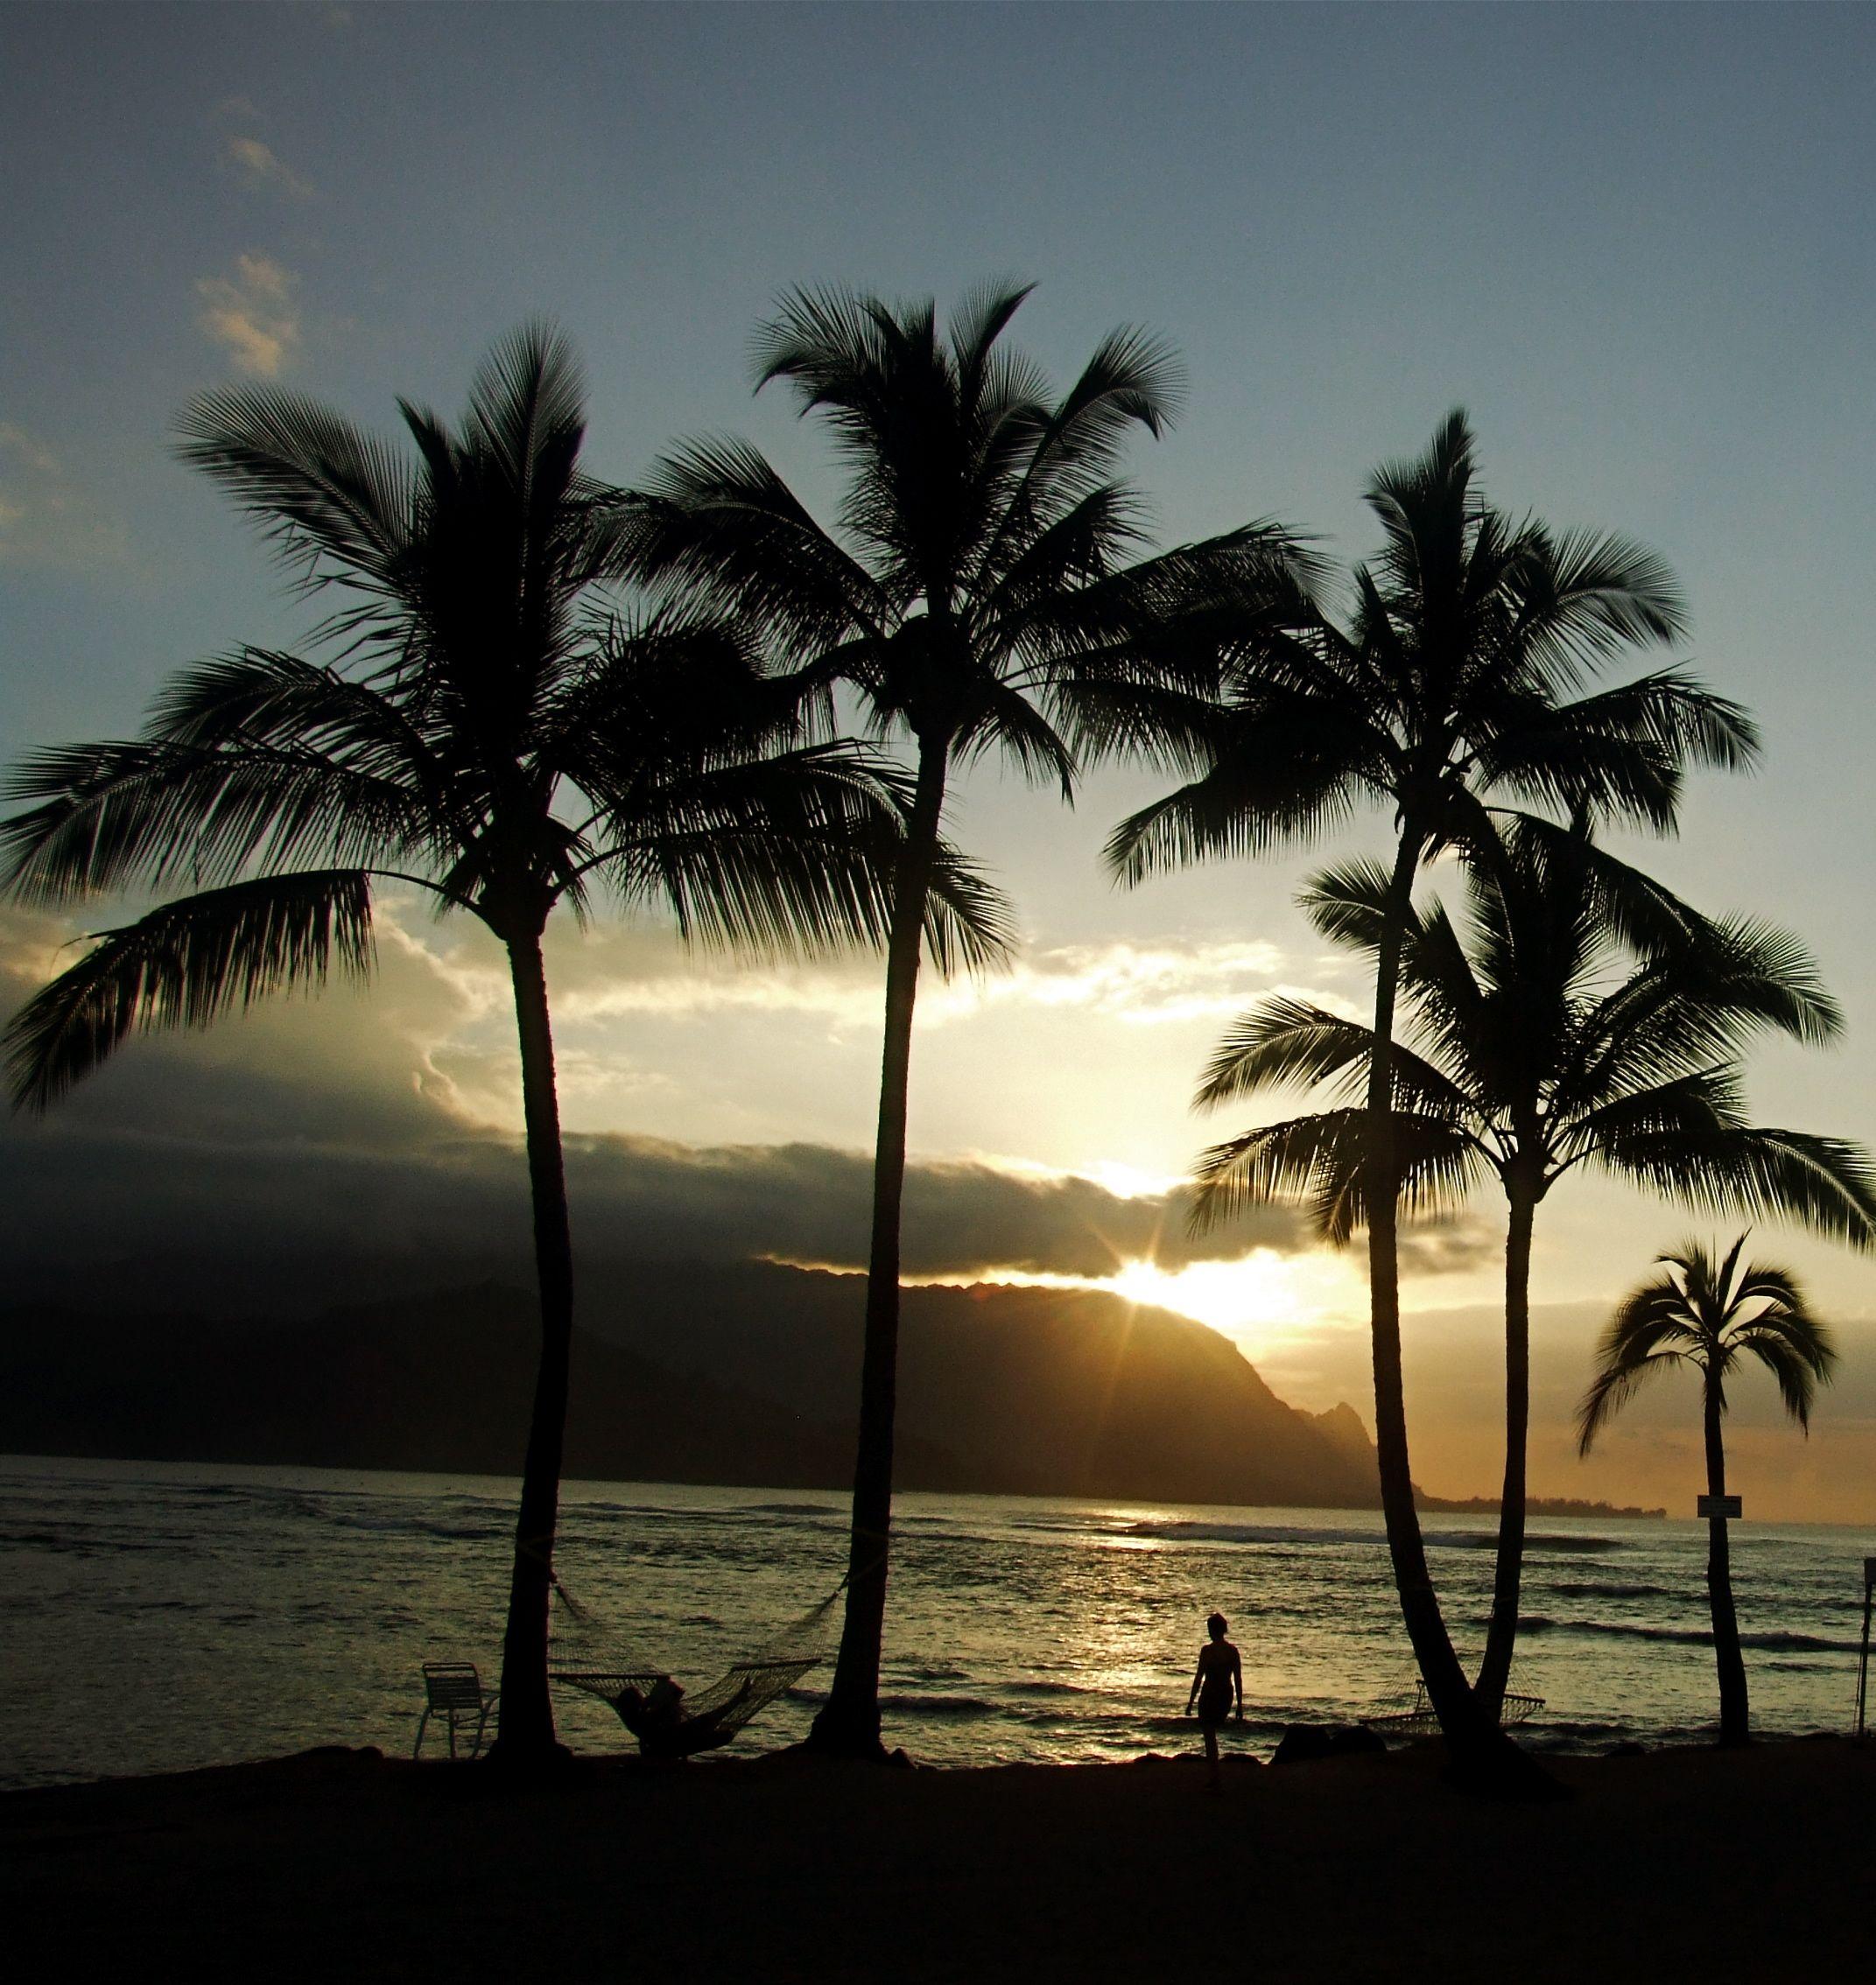 Mount Makana Called Bali Hai In The Movie South Pacific Provides A Romantic Backdrop At Sunset Kauai Vacation Kauai Vacation Rentals Hawaii Travel